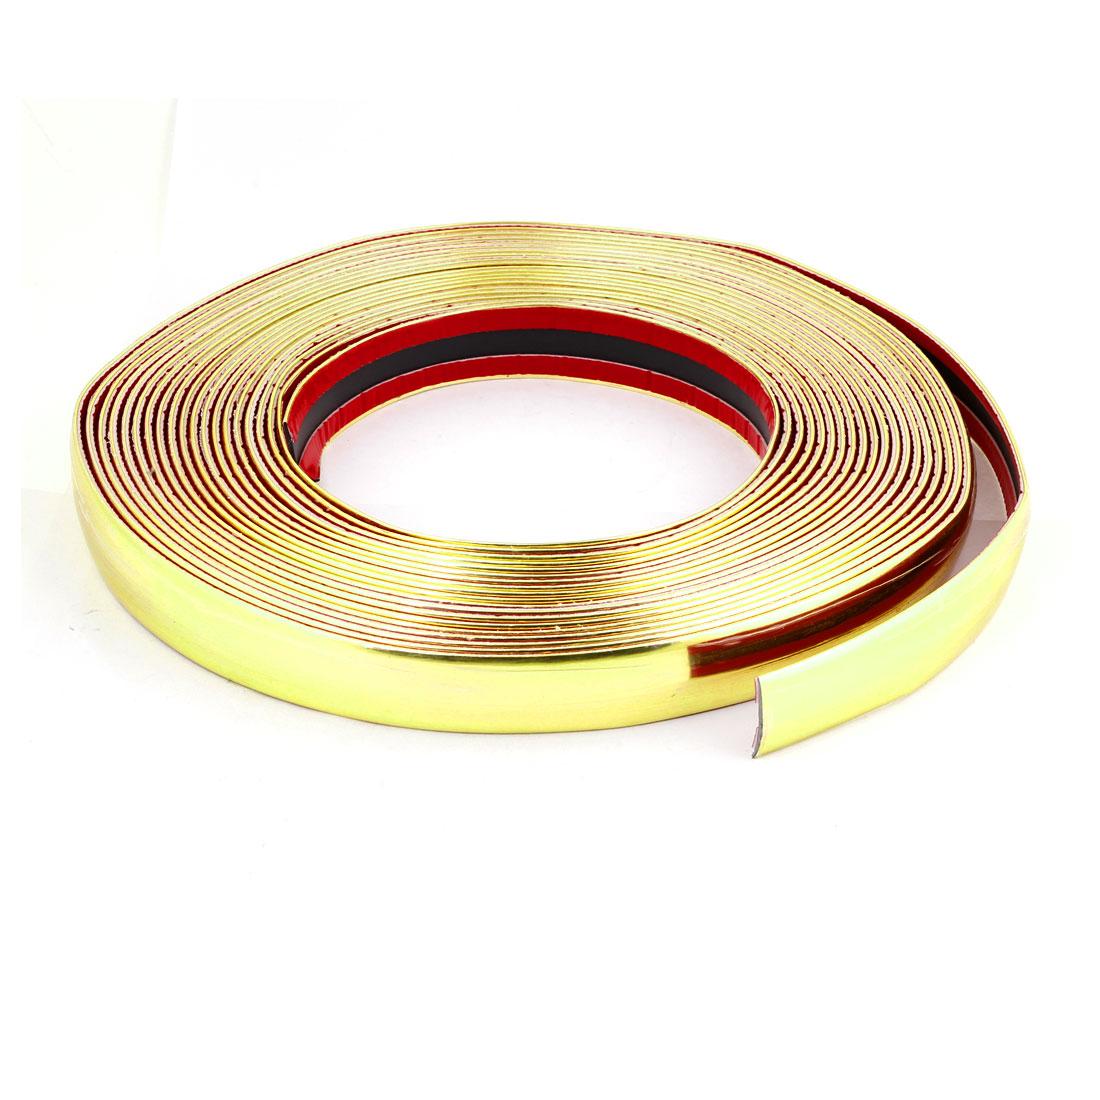 15M x 25mm Flexible Plastic Moulding Trim Strip Gold Tone for Auto Car